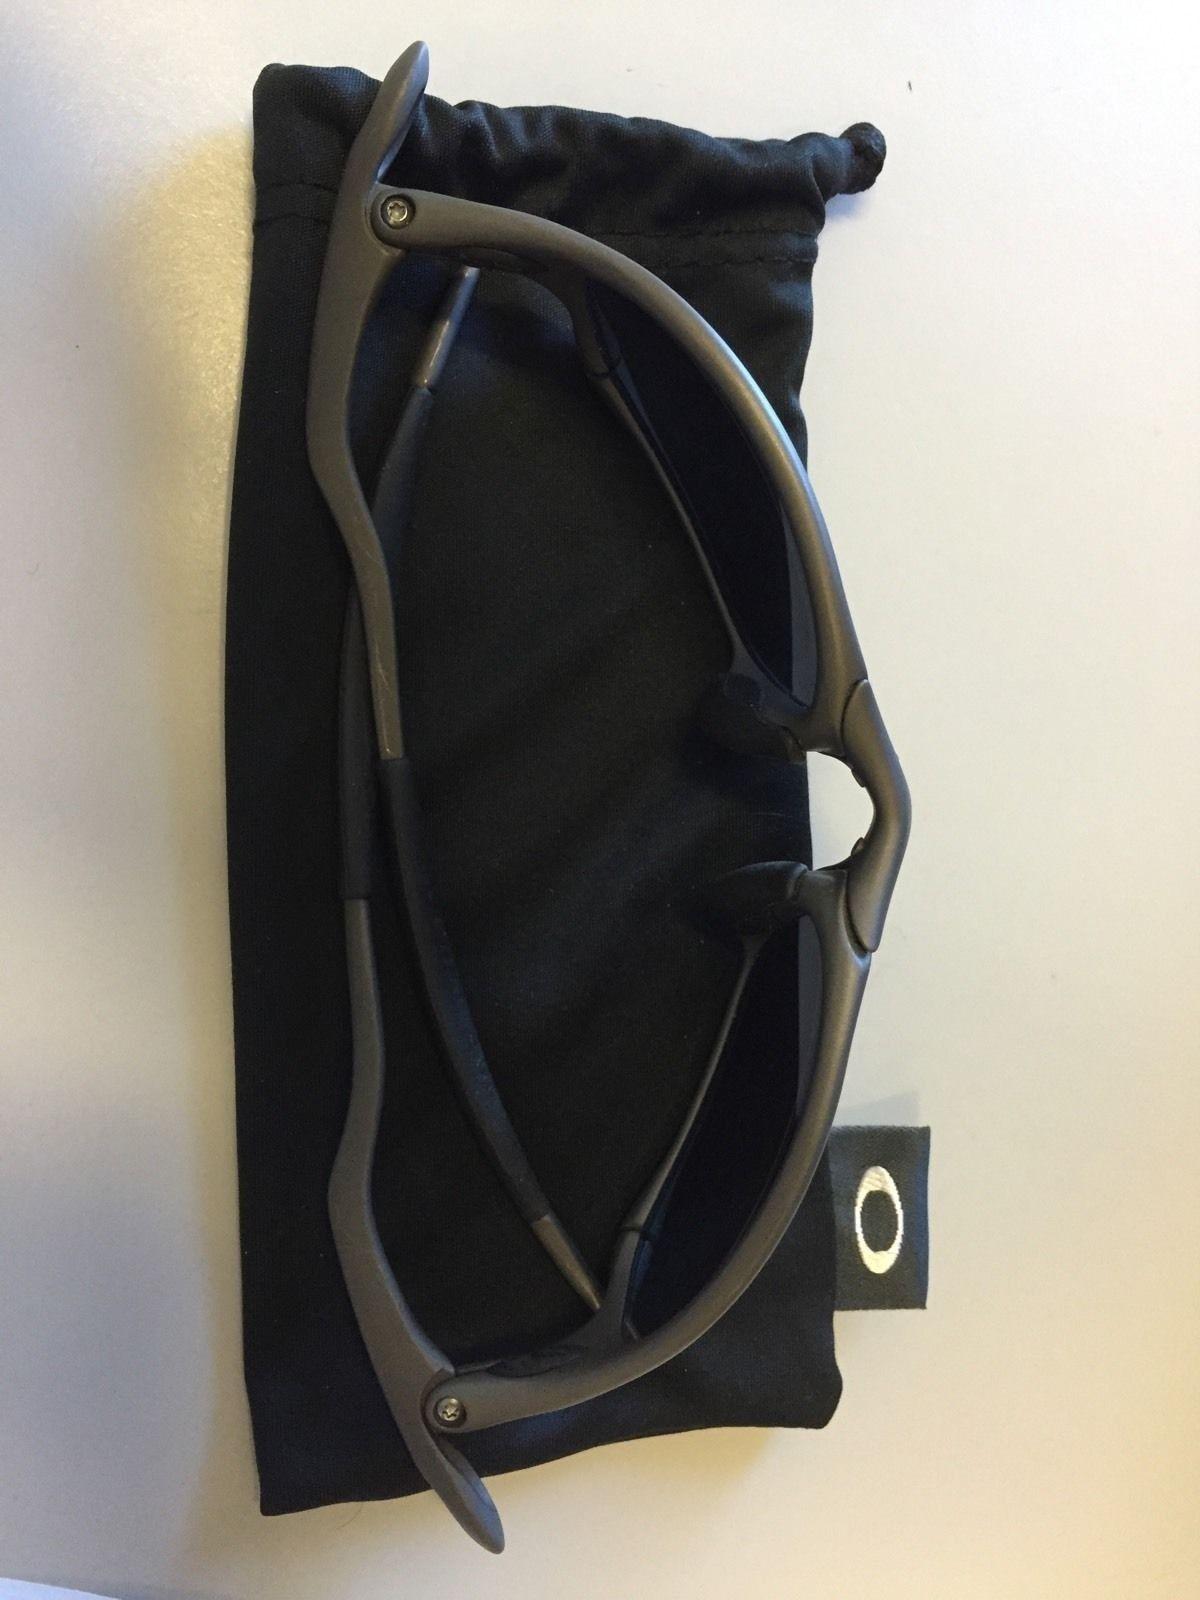 Oakley X Metal XX Black Iridium Almost Mint $500+/$400- - x9a.JPG